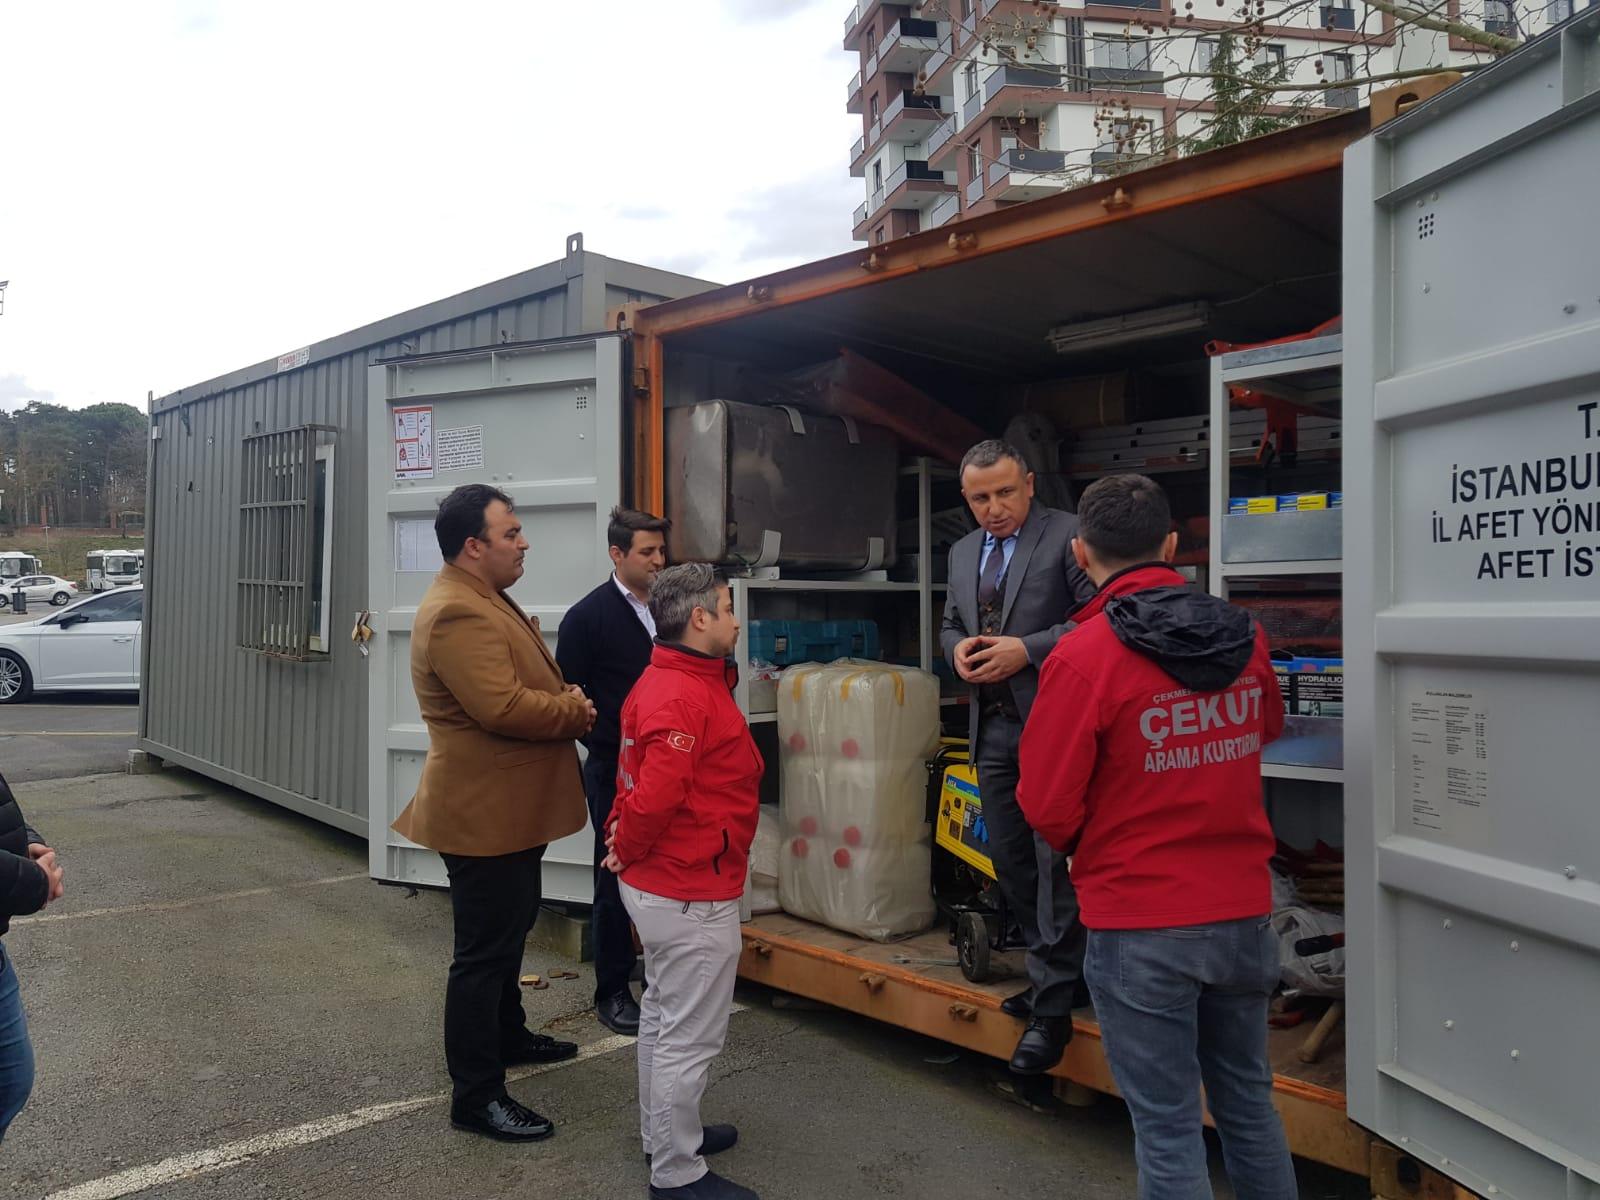 cekmekoey-kaymakami-adem-arslan-deprem-afet-muedahale-konteynerini-yerinde-inceledi